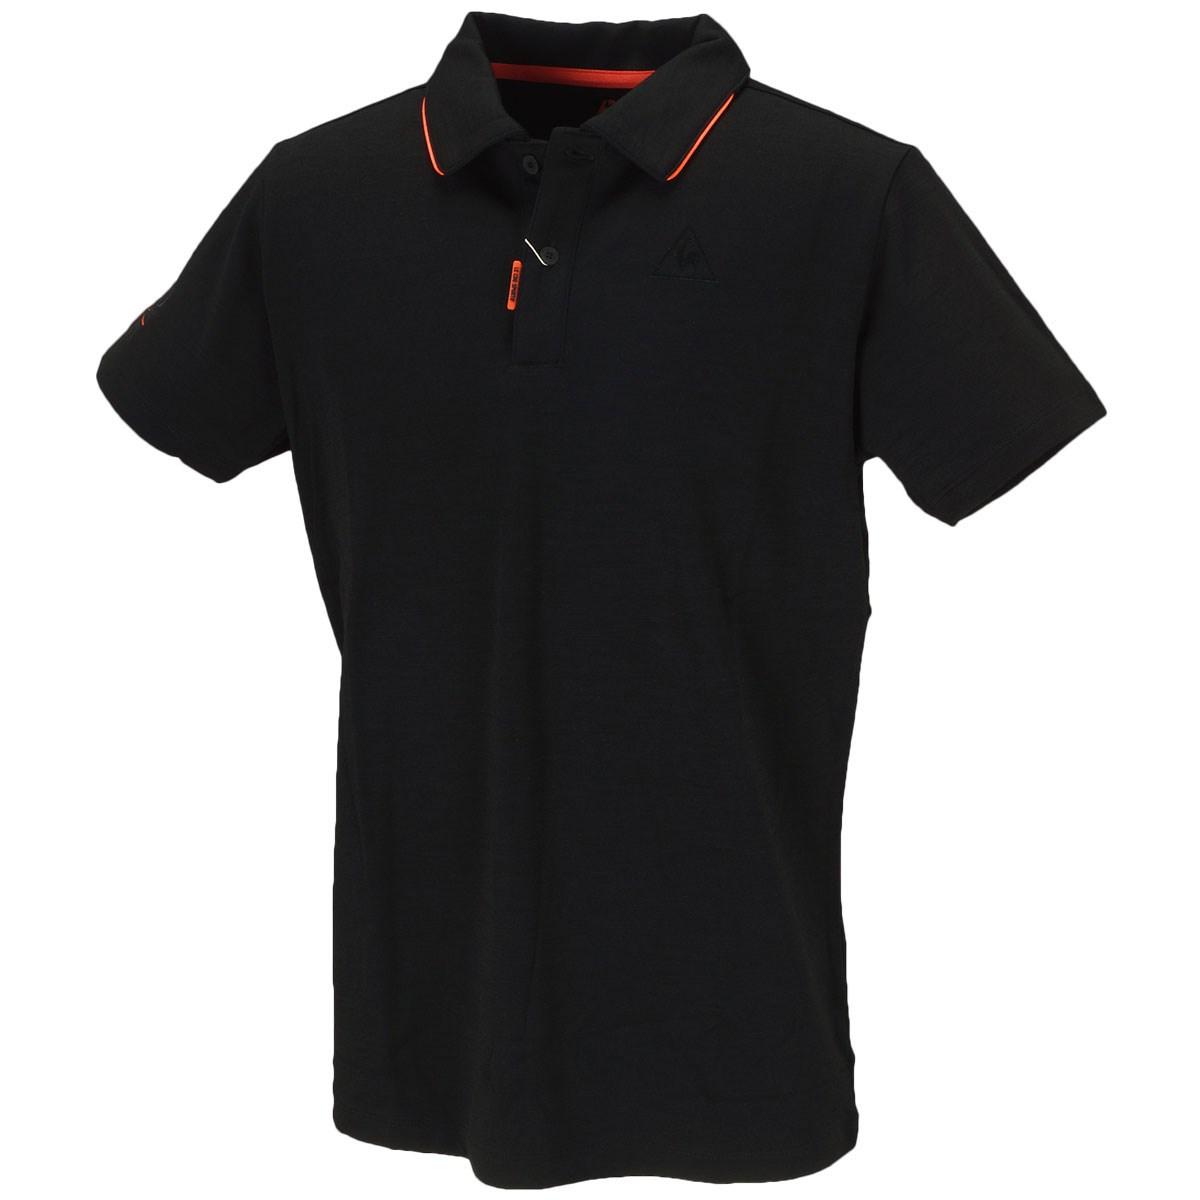 ルコックゴルフ マナードウール半袖ポロシャツ